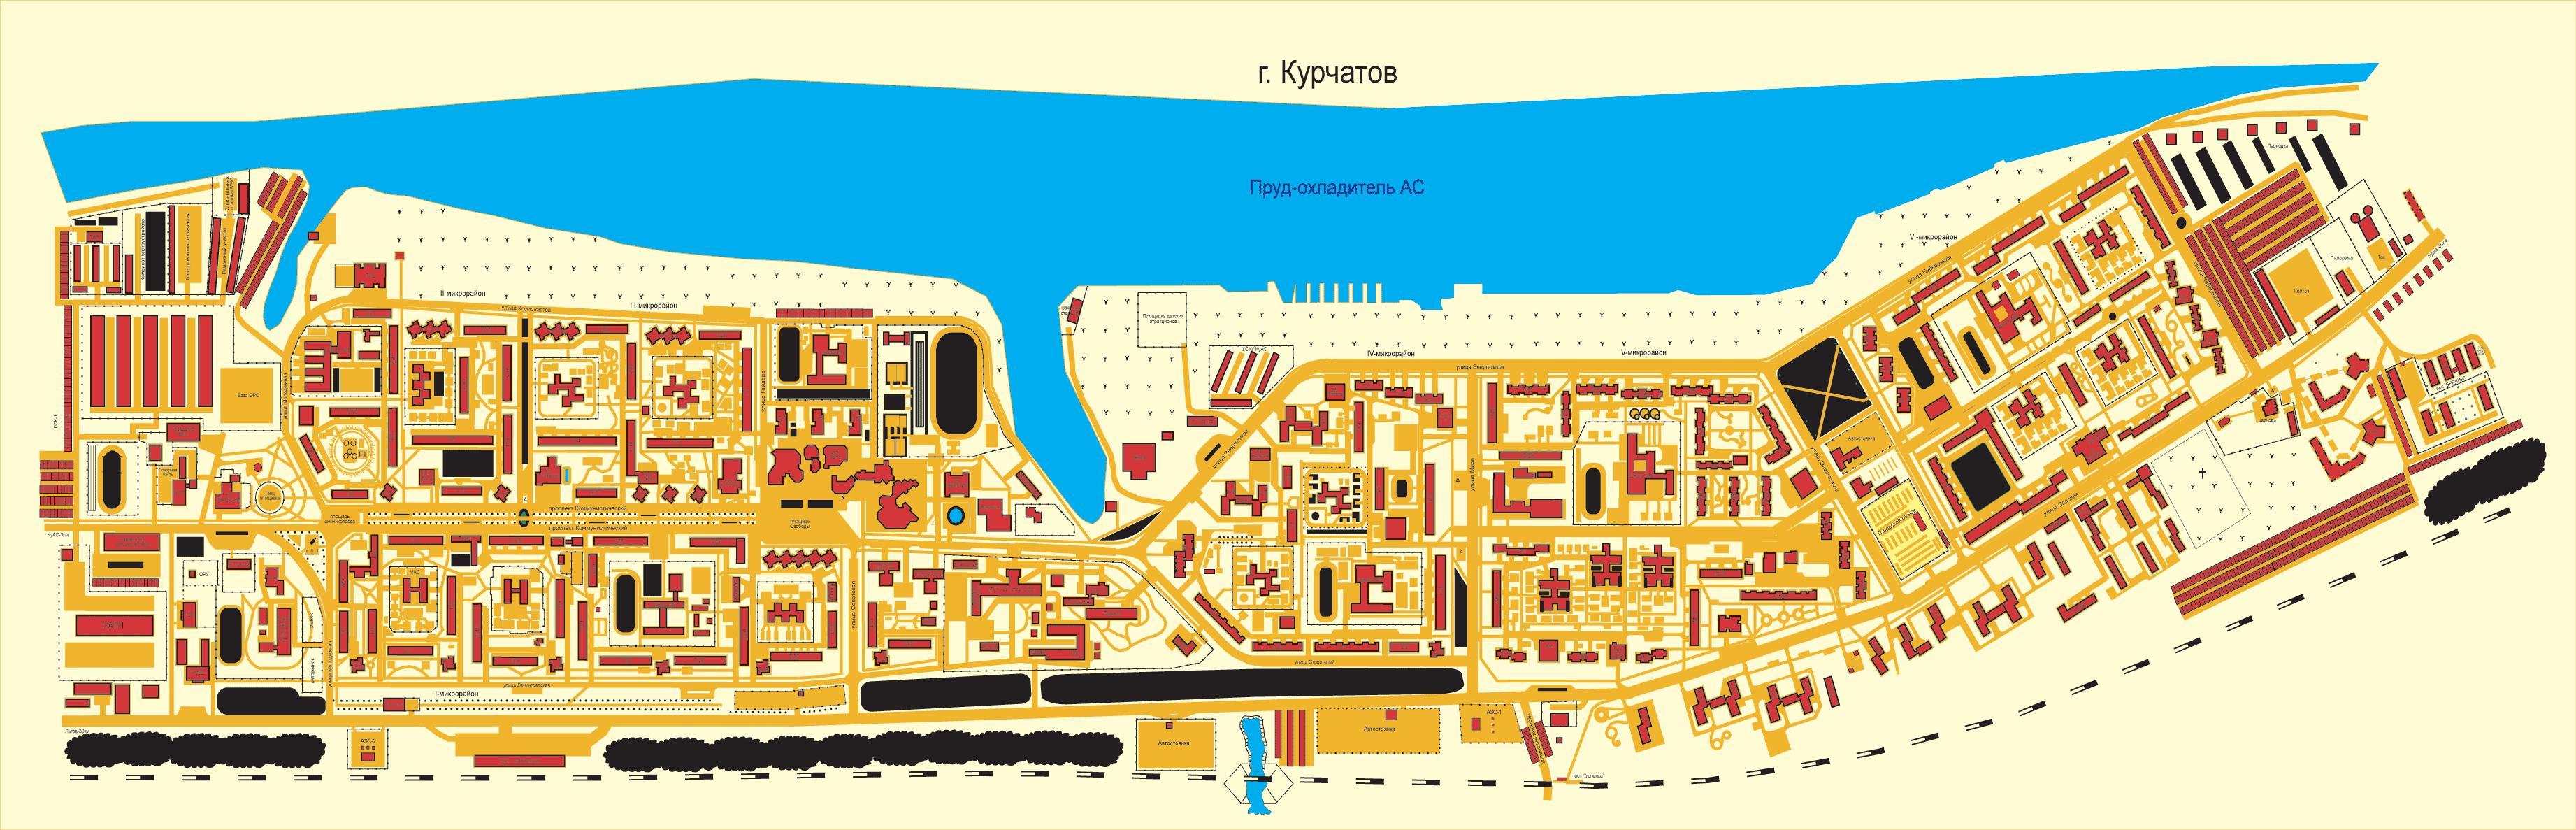 23 05 2011 главная карта комментариев нет